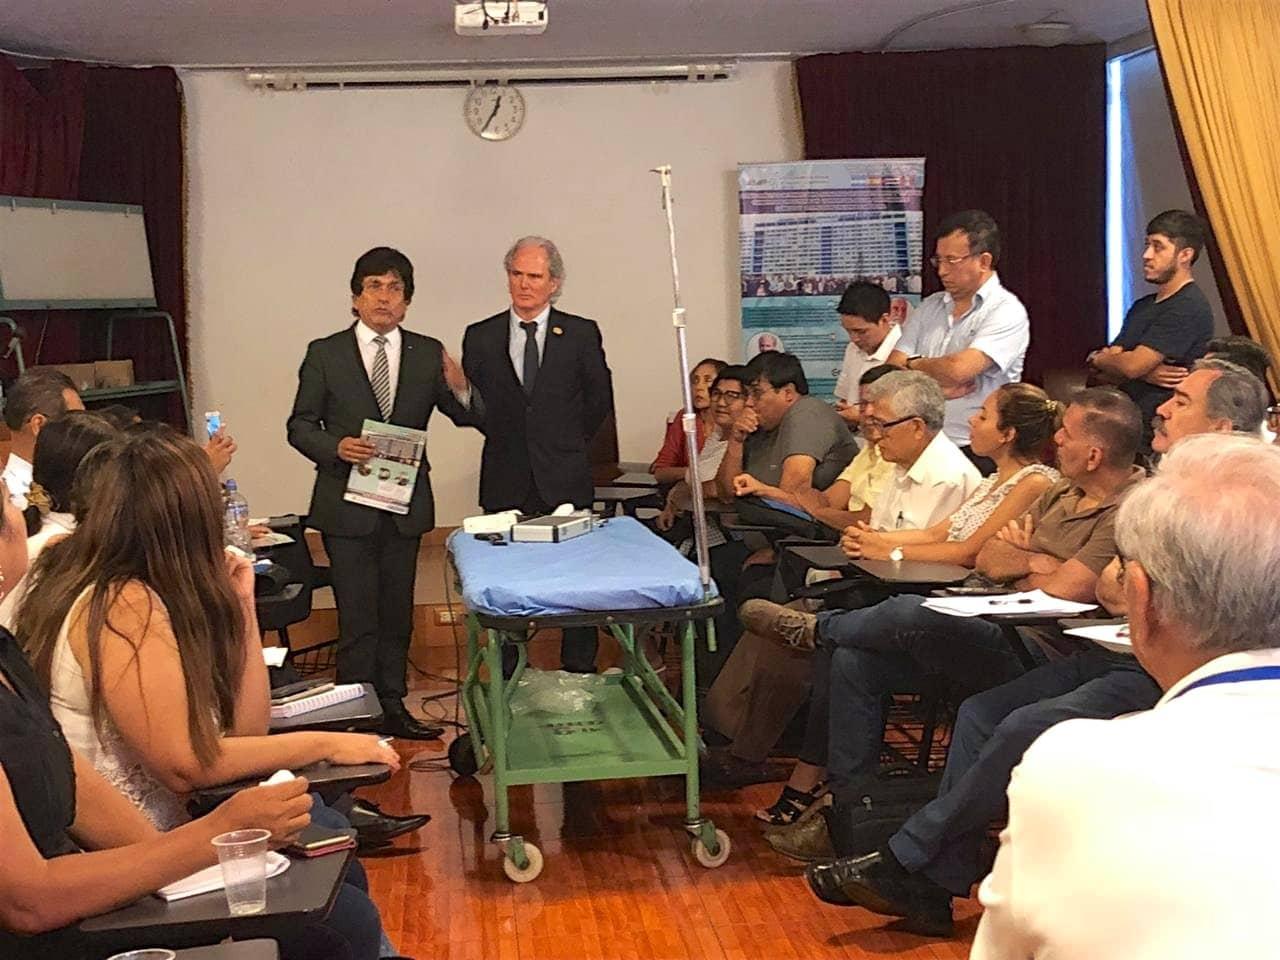 Curso practico internacional avanzado de ozonoterapia y terapias combinadas aplicadas a terapia de dolor y tratamientos clinicos 012